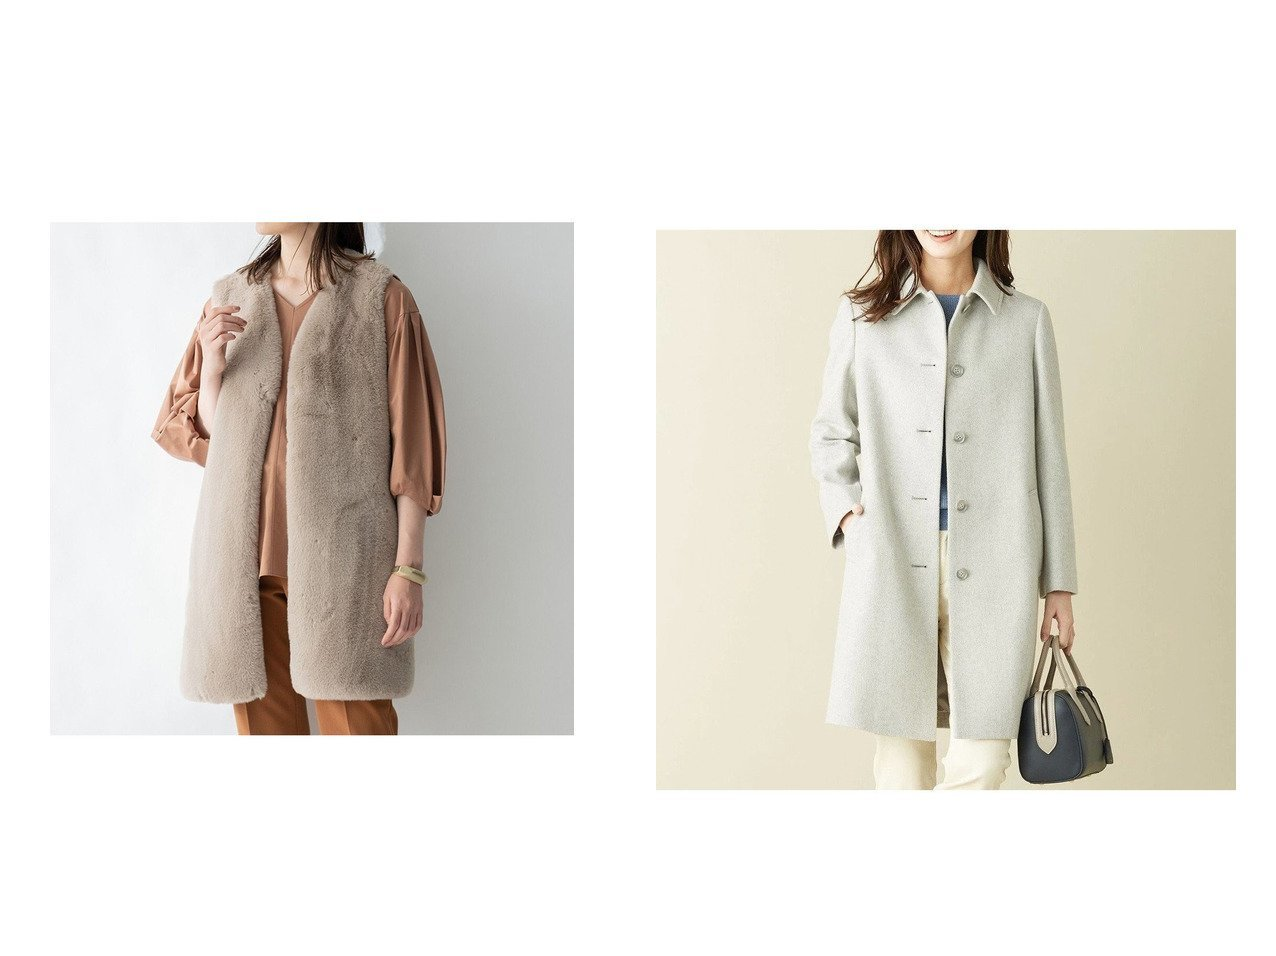 【J.PRESS/ジェイ プレス】のスーパー110Sショートビーバー ステンカラーコート&【JIYU-KU/自由区】のニットコンビ エコファー ジレ 【アウター】おすすめ!人気、トレンド・レディースファッションの通販  おすすめで人気の流行・トレンド、ファッションの通販商品 インテリア・家具・メンズファッション・キッズファッション・レディースファッション・服の通販 founy(ファニー) https://founy.com/ ファッション Fashion レディースファッション WOMEN アウター Coat Outerwear コート Coats ジャケット Jackets トップス・カットソー Tops/Tshirt ニット Knit Tops ベスト/ジレ Gilets/Vests 送料無料 Free Shipping エレガント クラシック ショート シンプル ジャケット 再入荷 Restock/Back in Stock/Re Arrival 冬 Winter 定番 Standard インナー 秋 Autumn/Fall コンビ タイプライター ドッキング ベスト リアル |ID:crp329100000062340